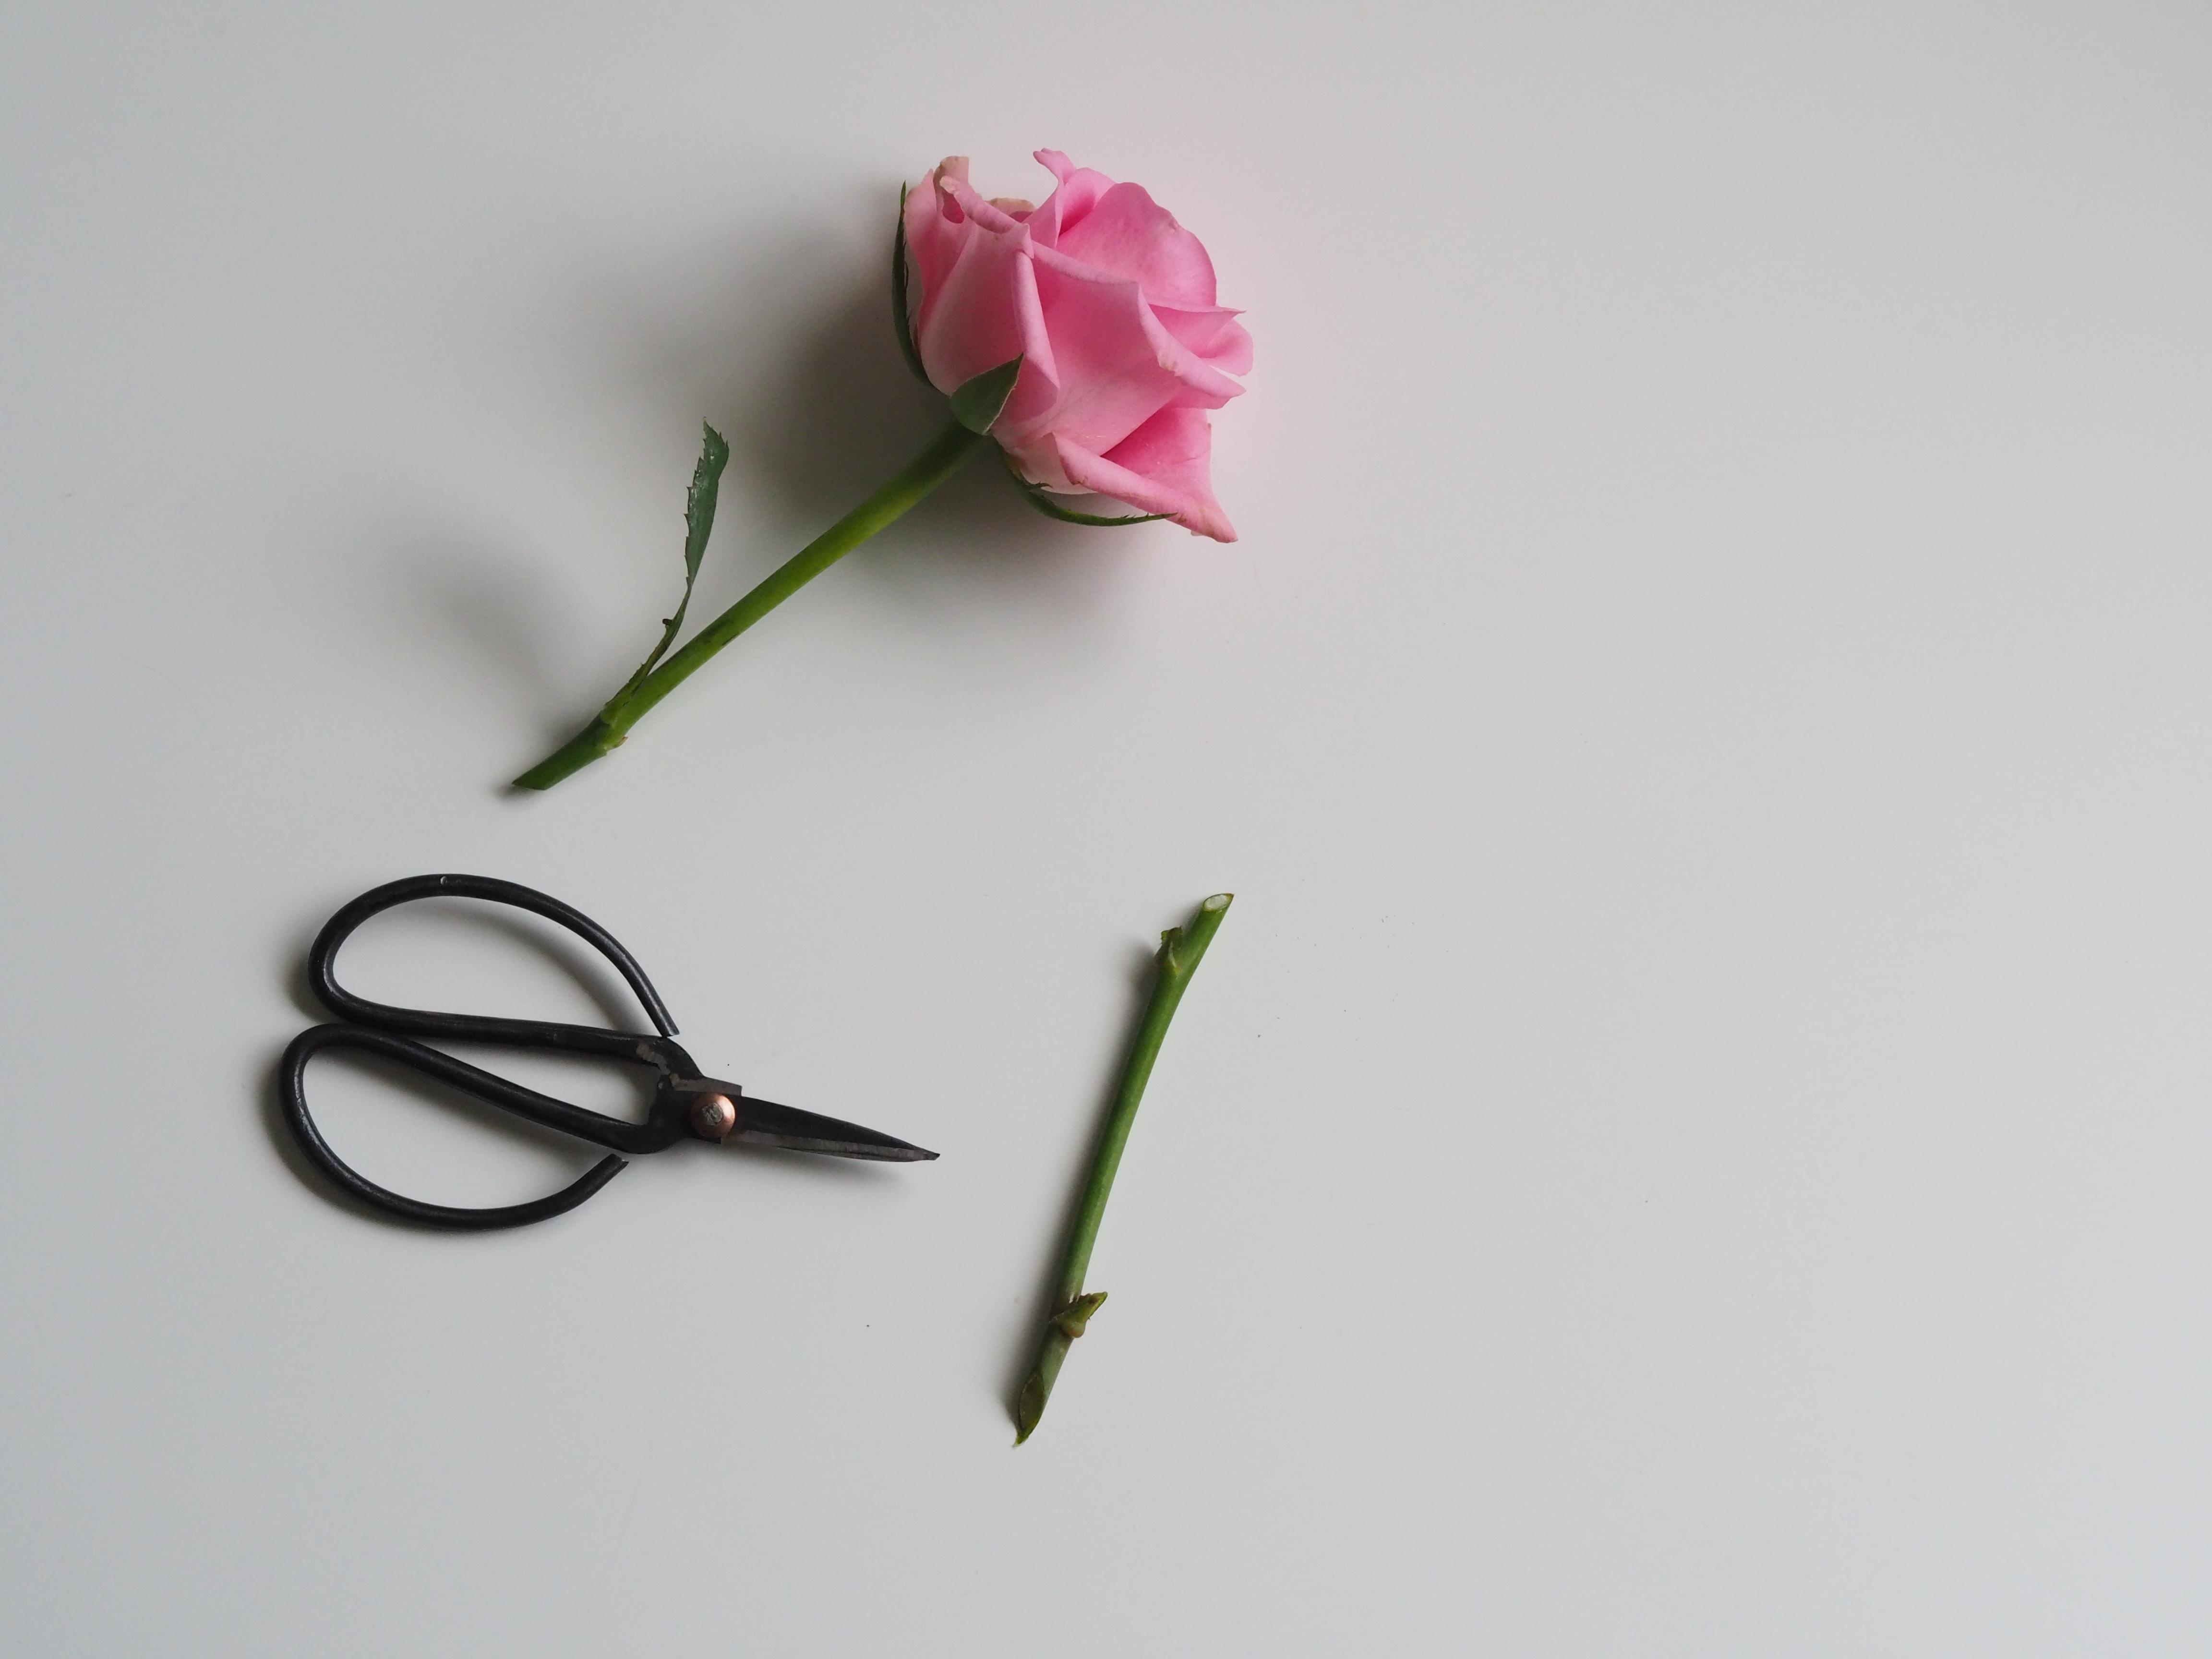 pink rose flower beside black scissor on white surface